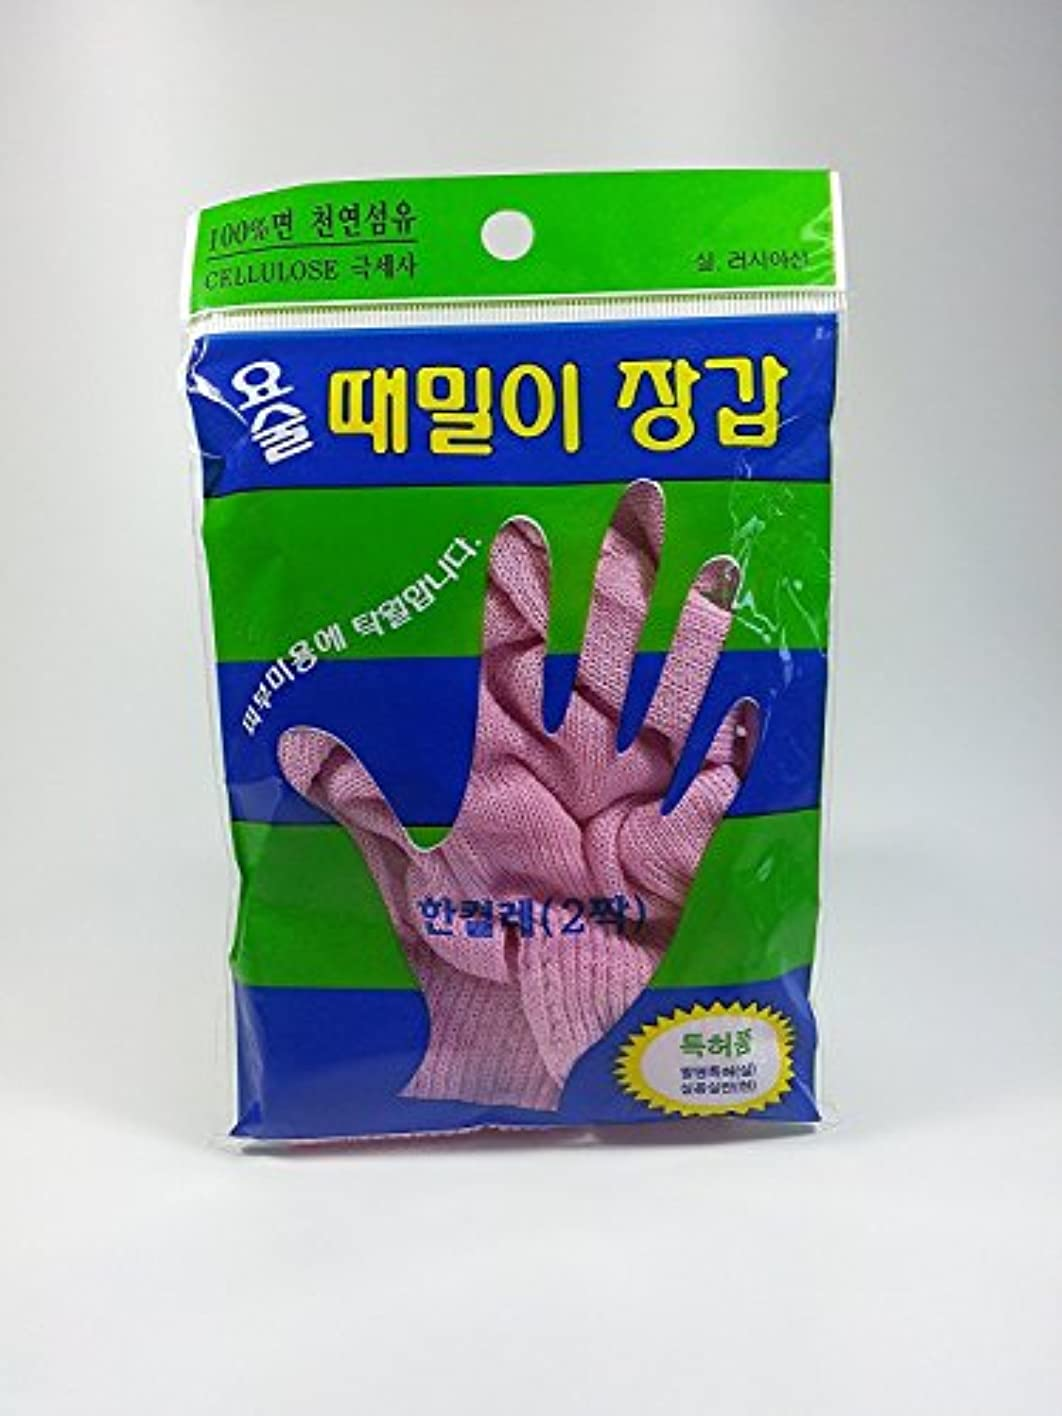 存在把握ラショナルジョンジュン産業 韓国式 垢すり 手袋 バスグローブ 5本指 ボディスクラブ 100% 天然セルロース繊維製 ???? ??????? Magic Korean Body Back Scrub [並行輸入品]